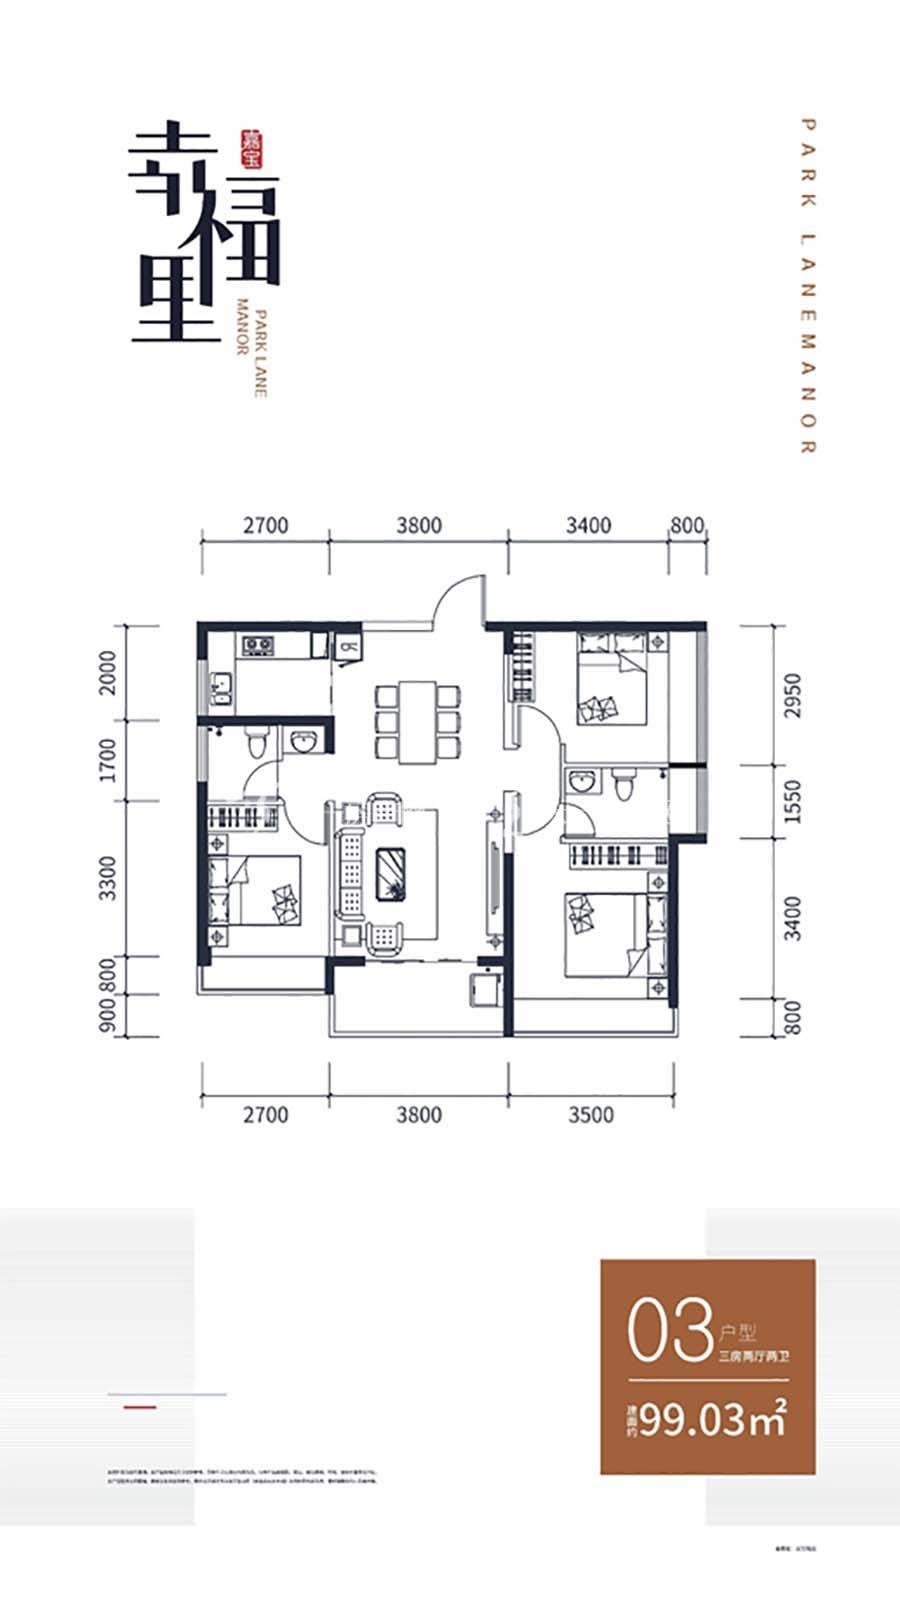 嘉宝幸福里03户型 3室2厅2卫 建筑面积:99.03m²